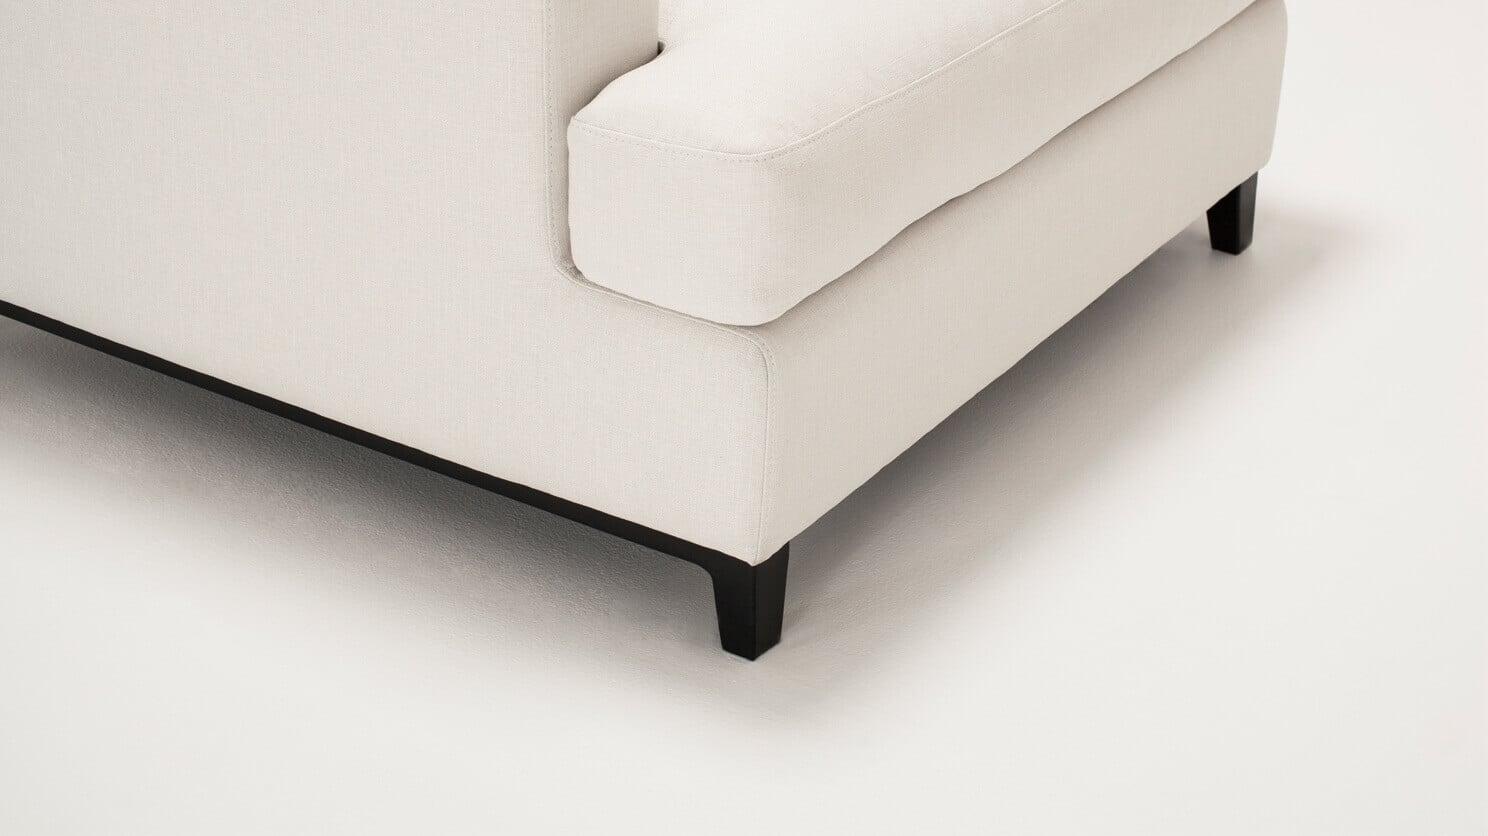 30113 02 6 chairs blanche chair polo cream detail 03